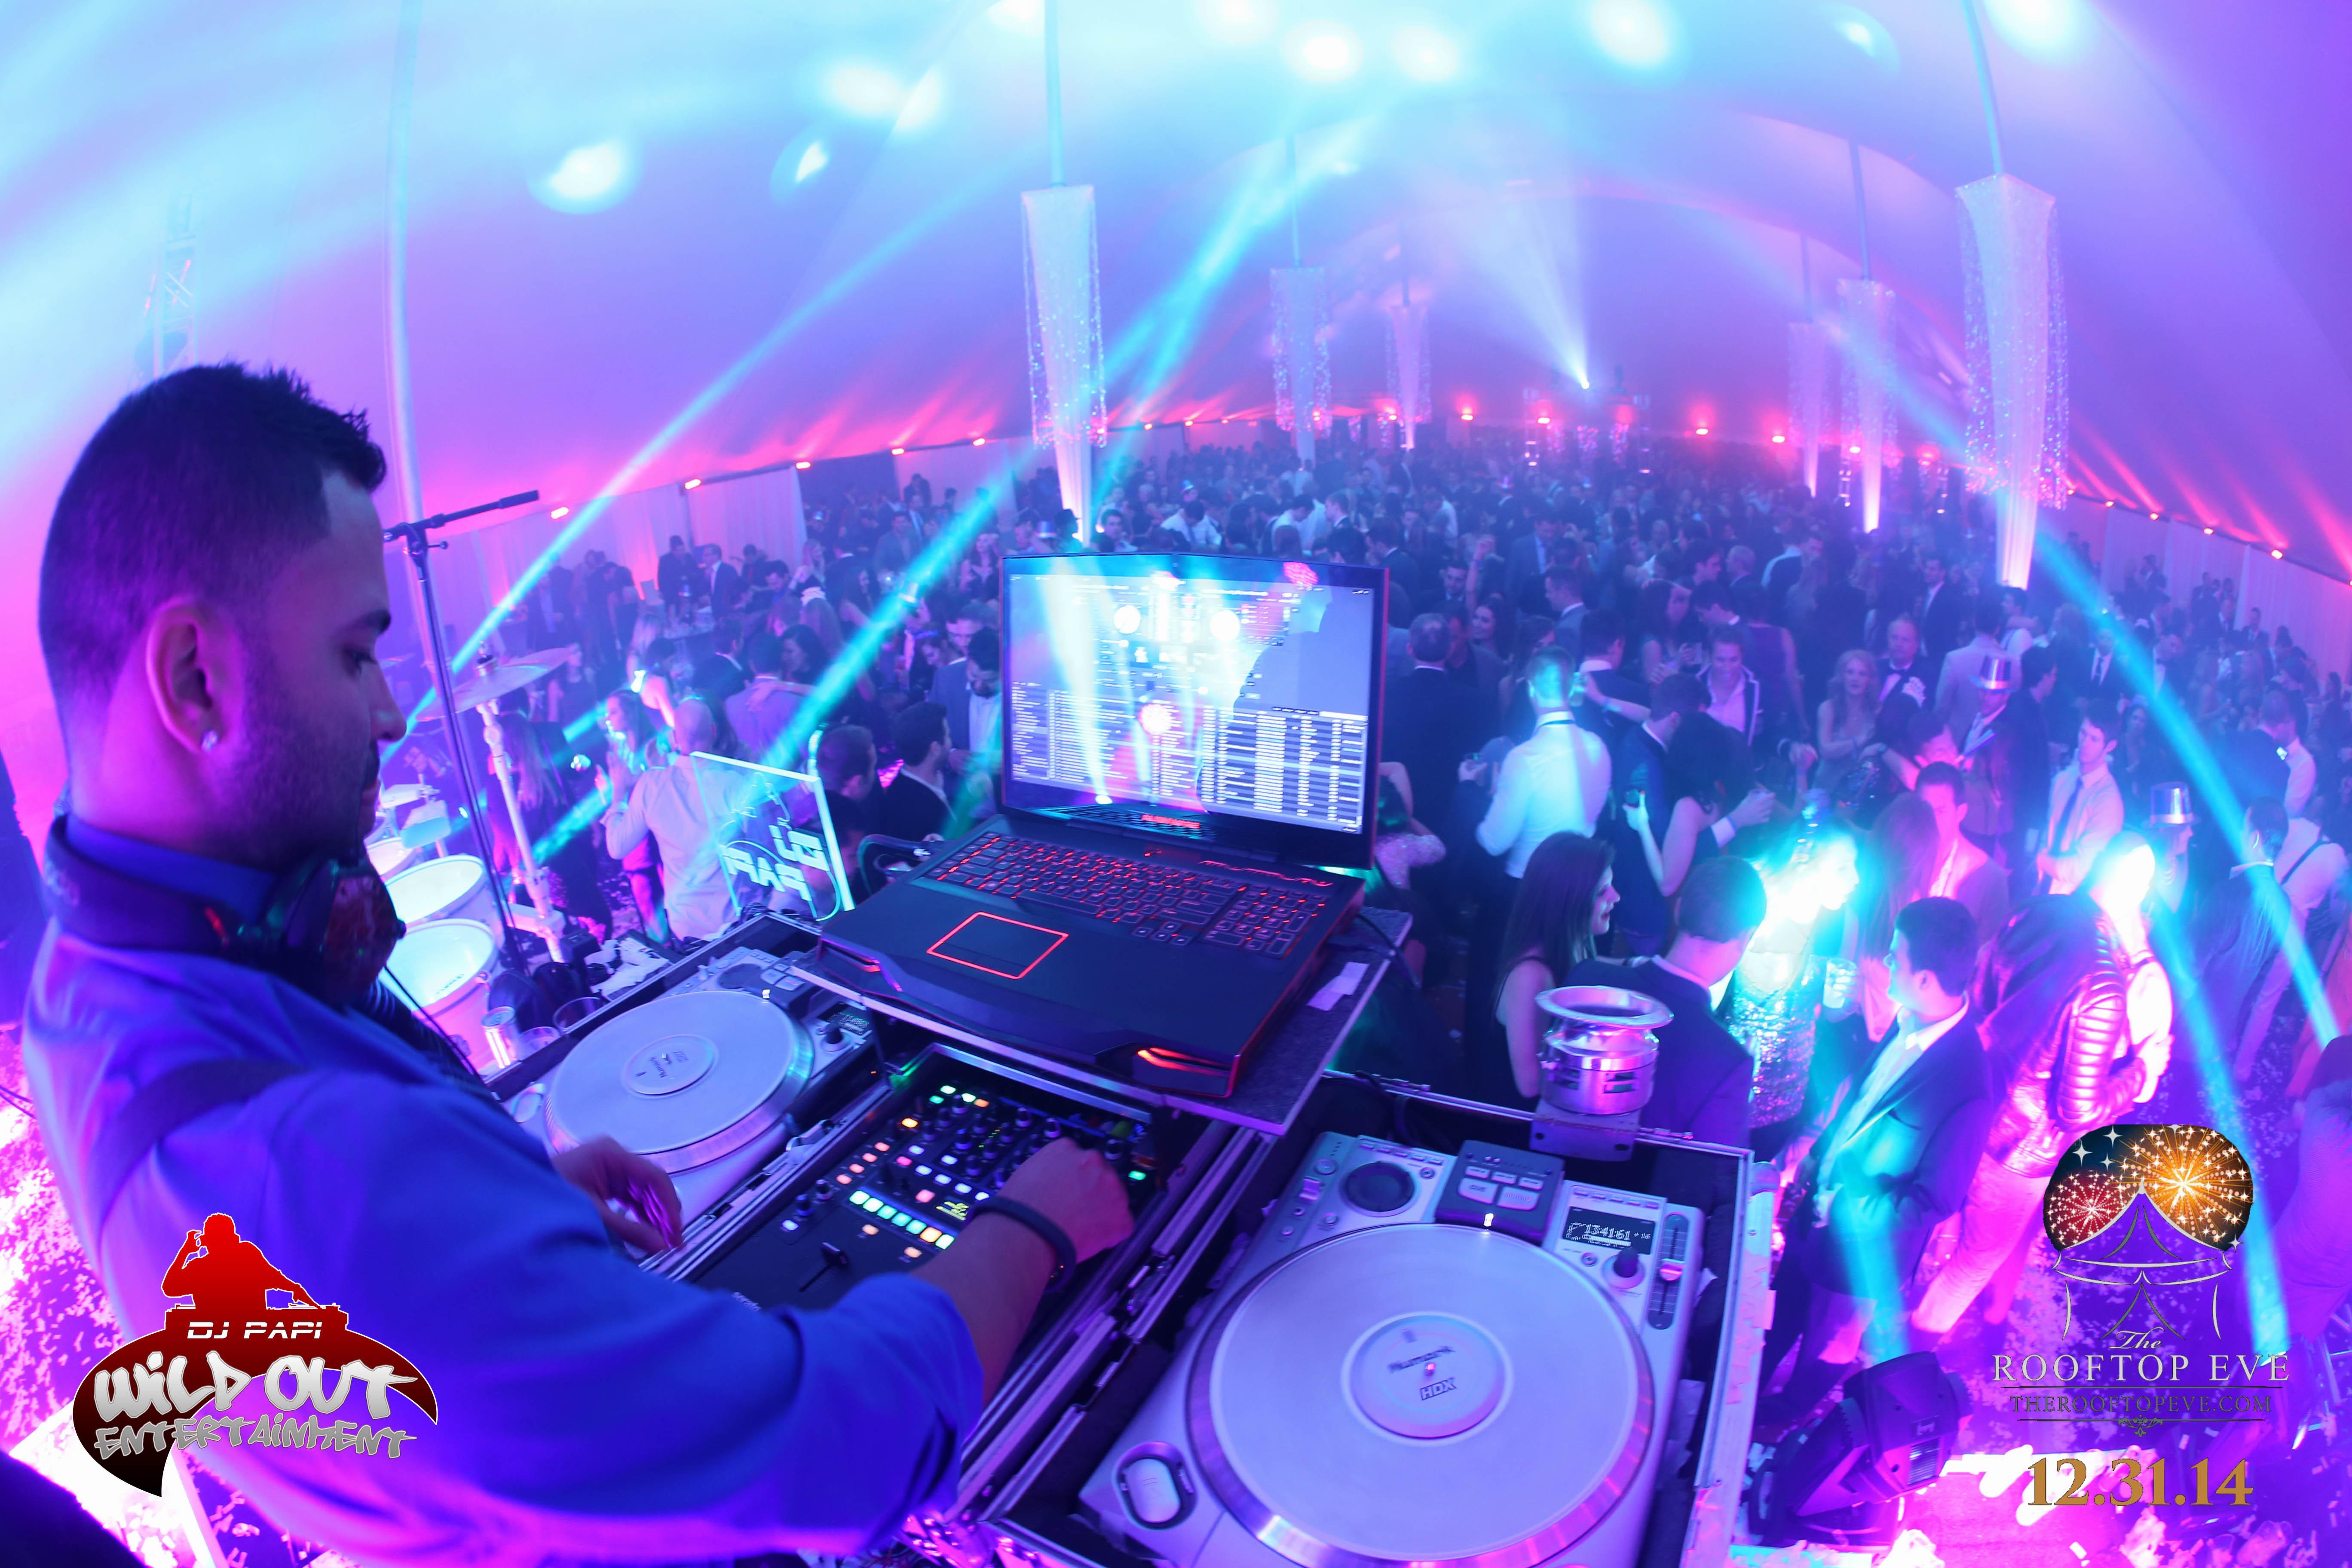 DJ Papi & DJ CrizV | The Rooftop Eve | 12/31/15 | Tampa, FL